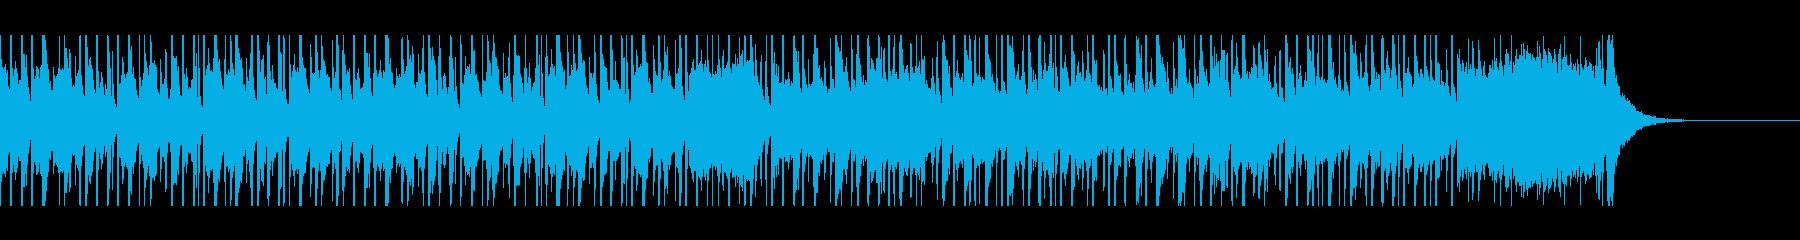 アラビアベリーダンス(45秒)の再生済みの波形